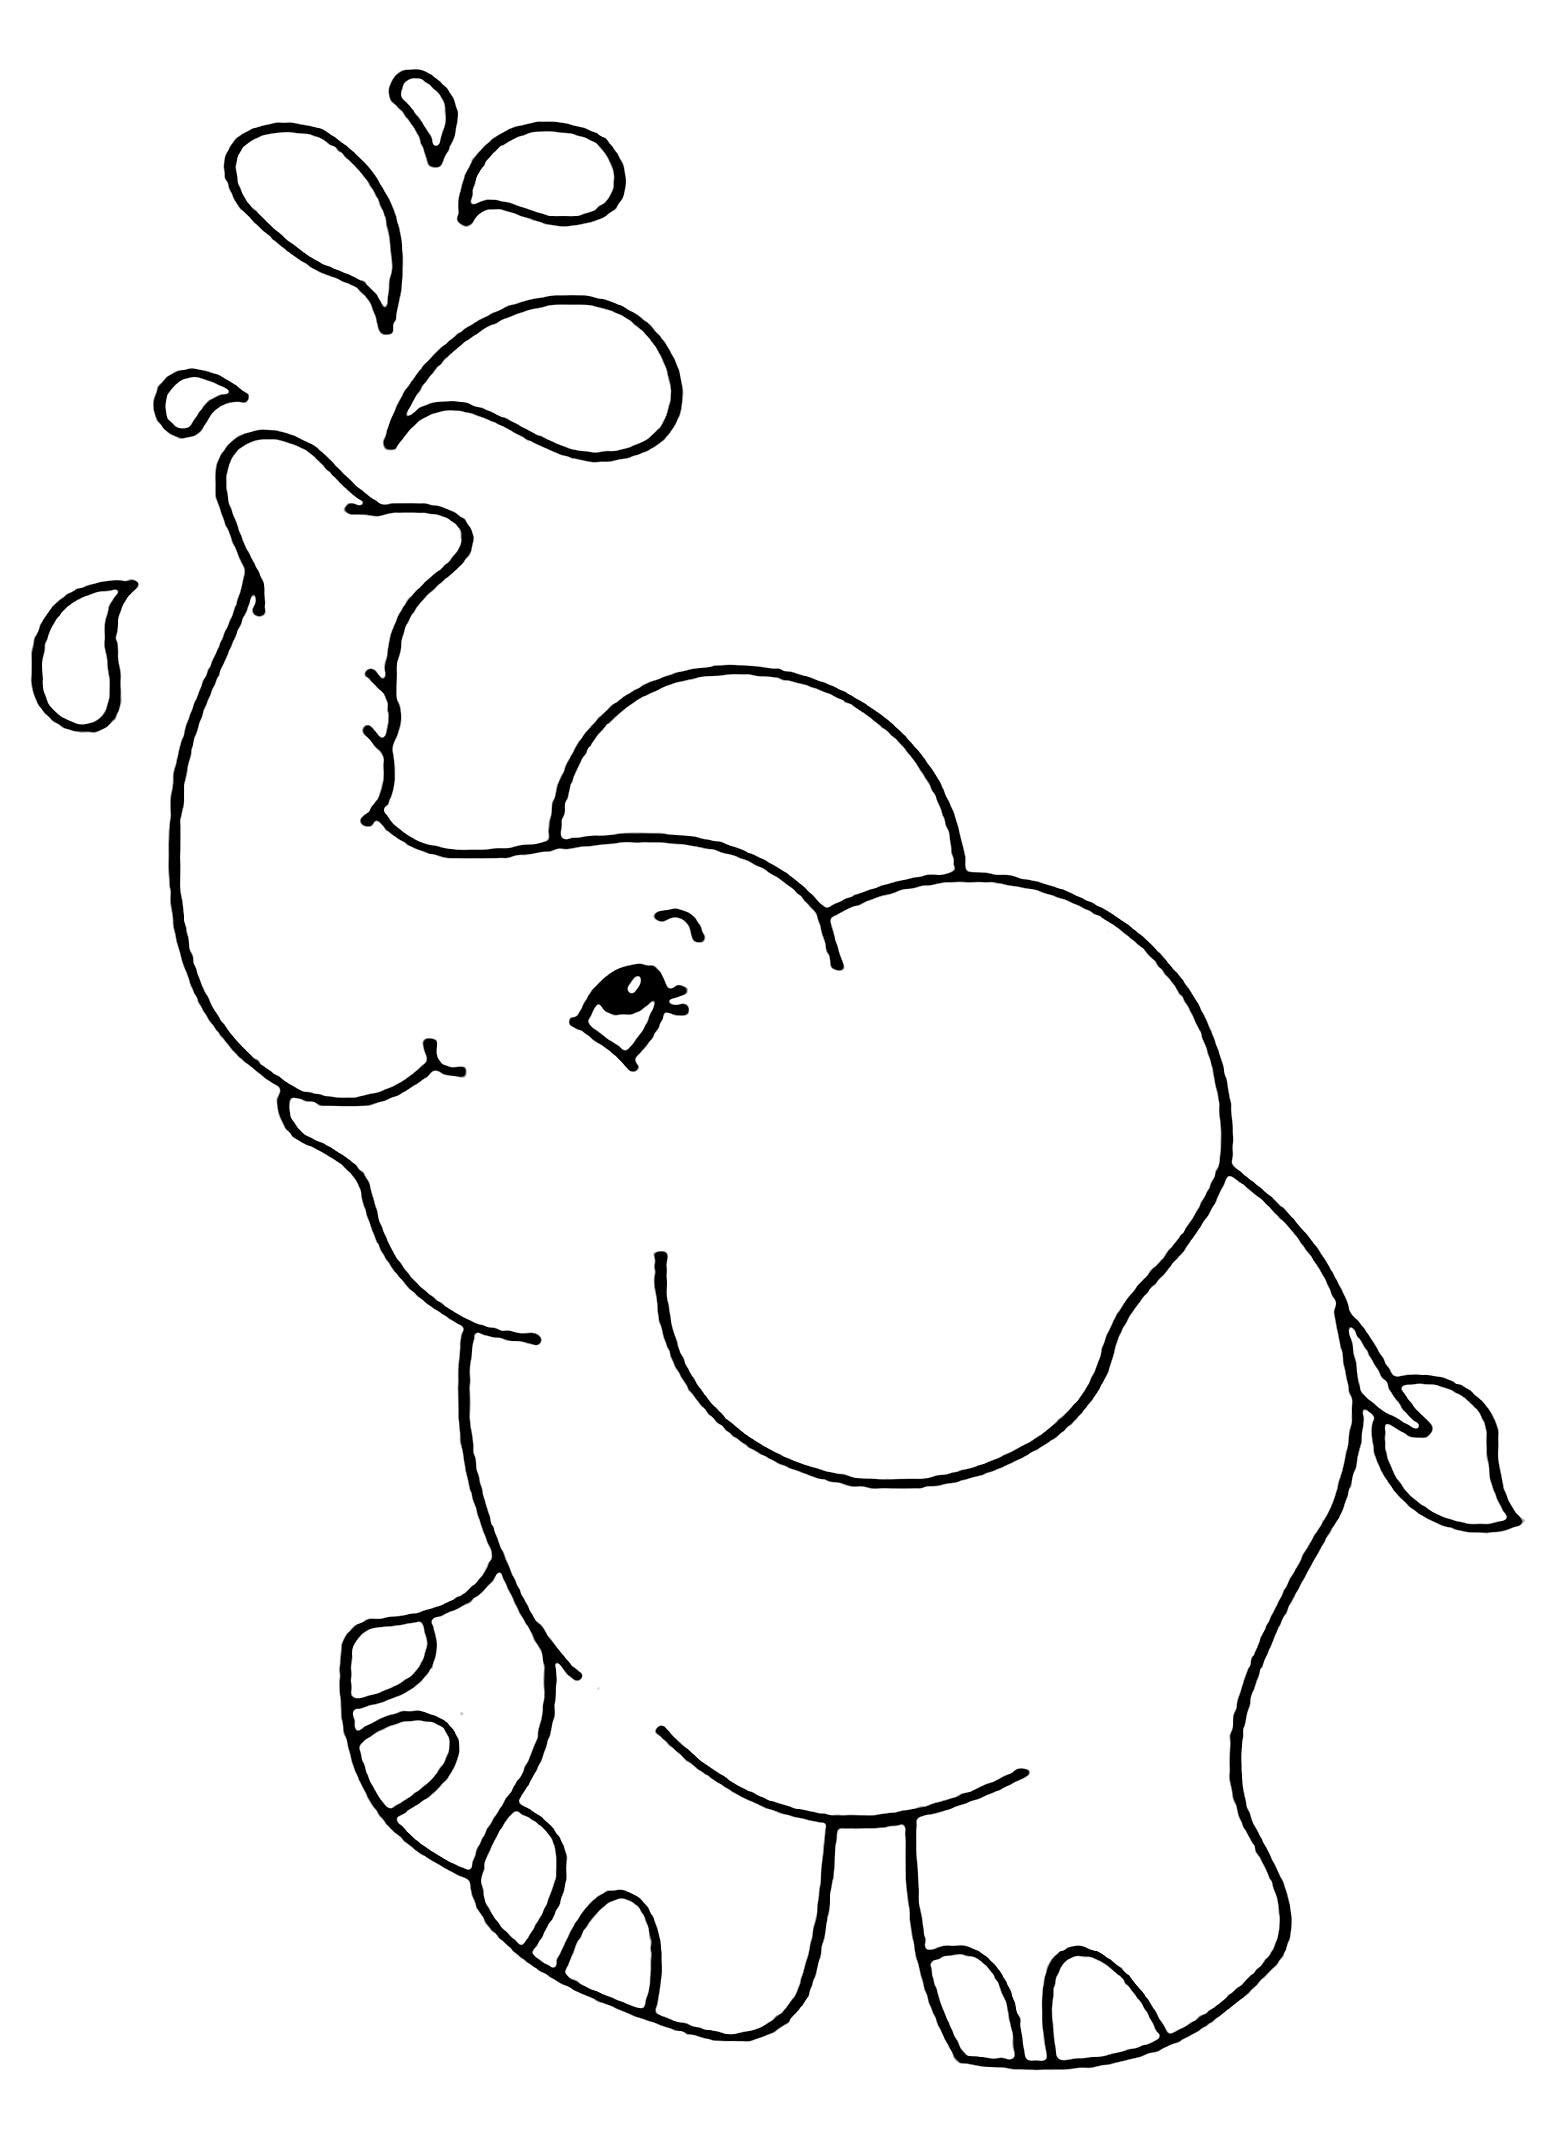 Tranh tô màu voi phun nước